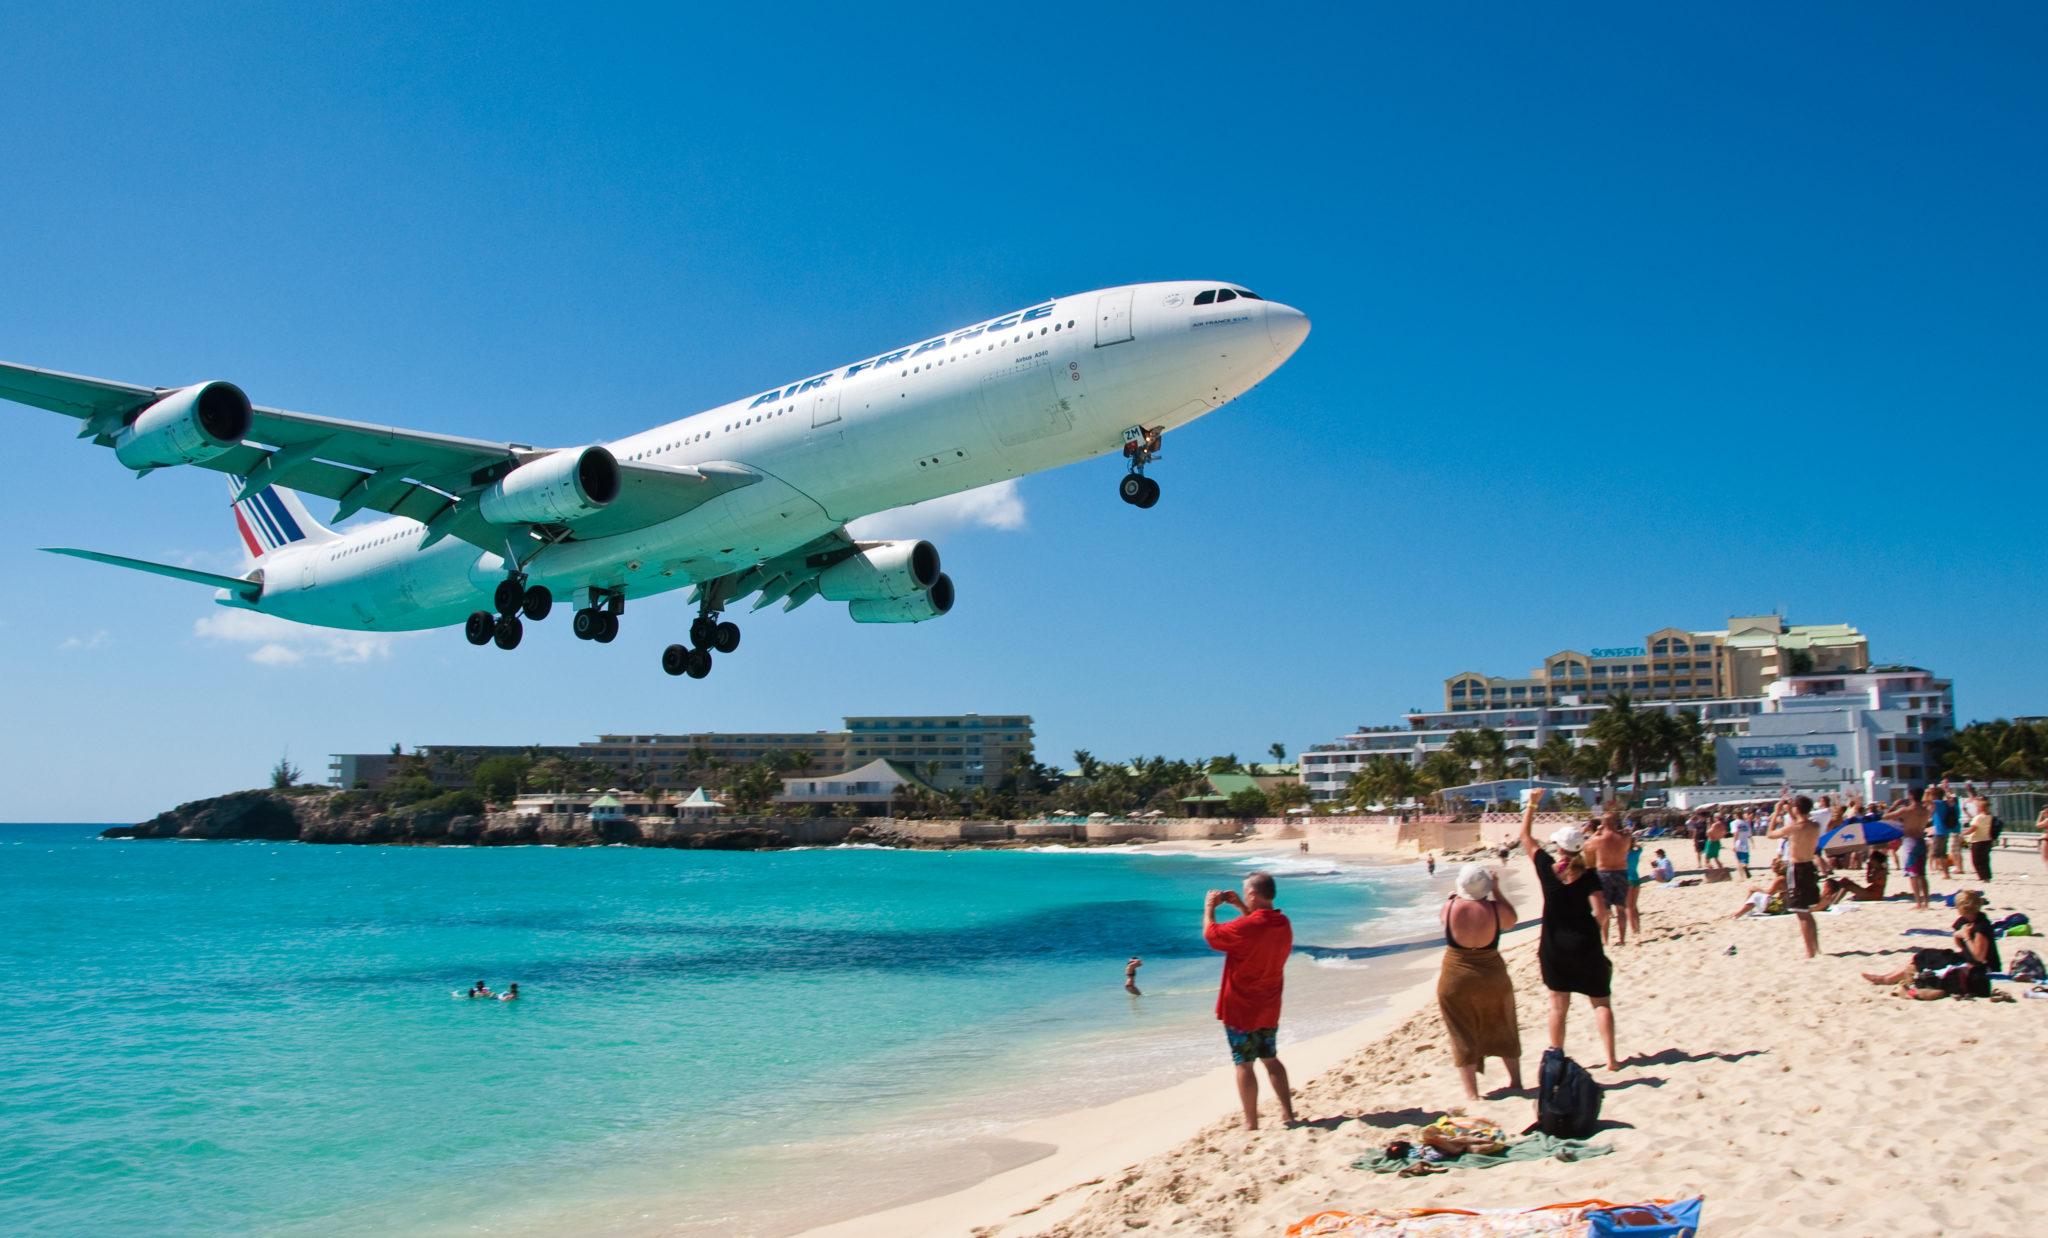 St Maarten Beach Airplane Bar